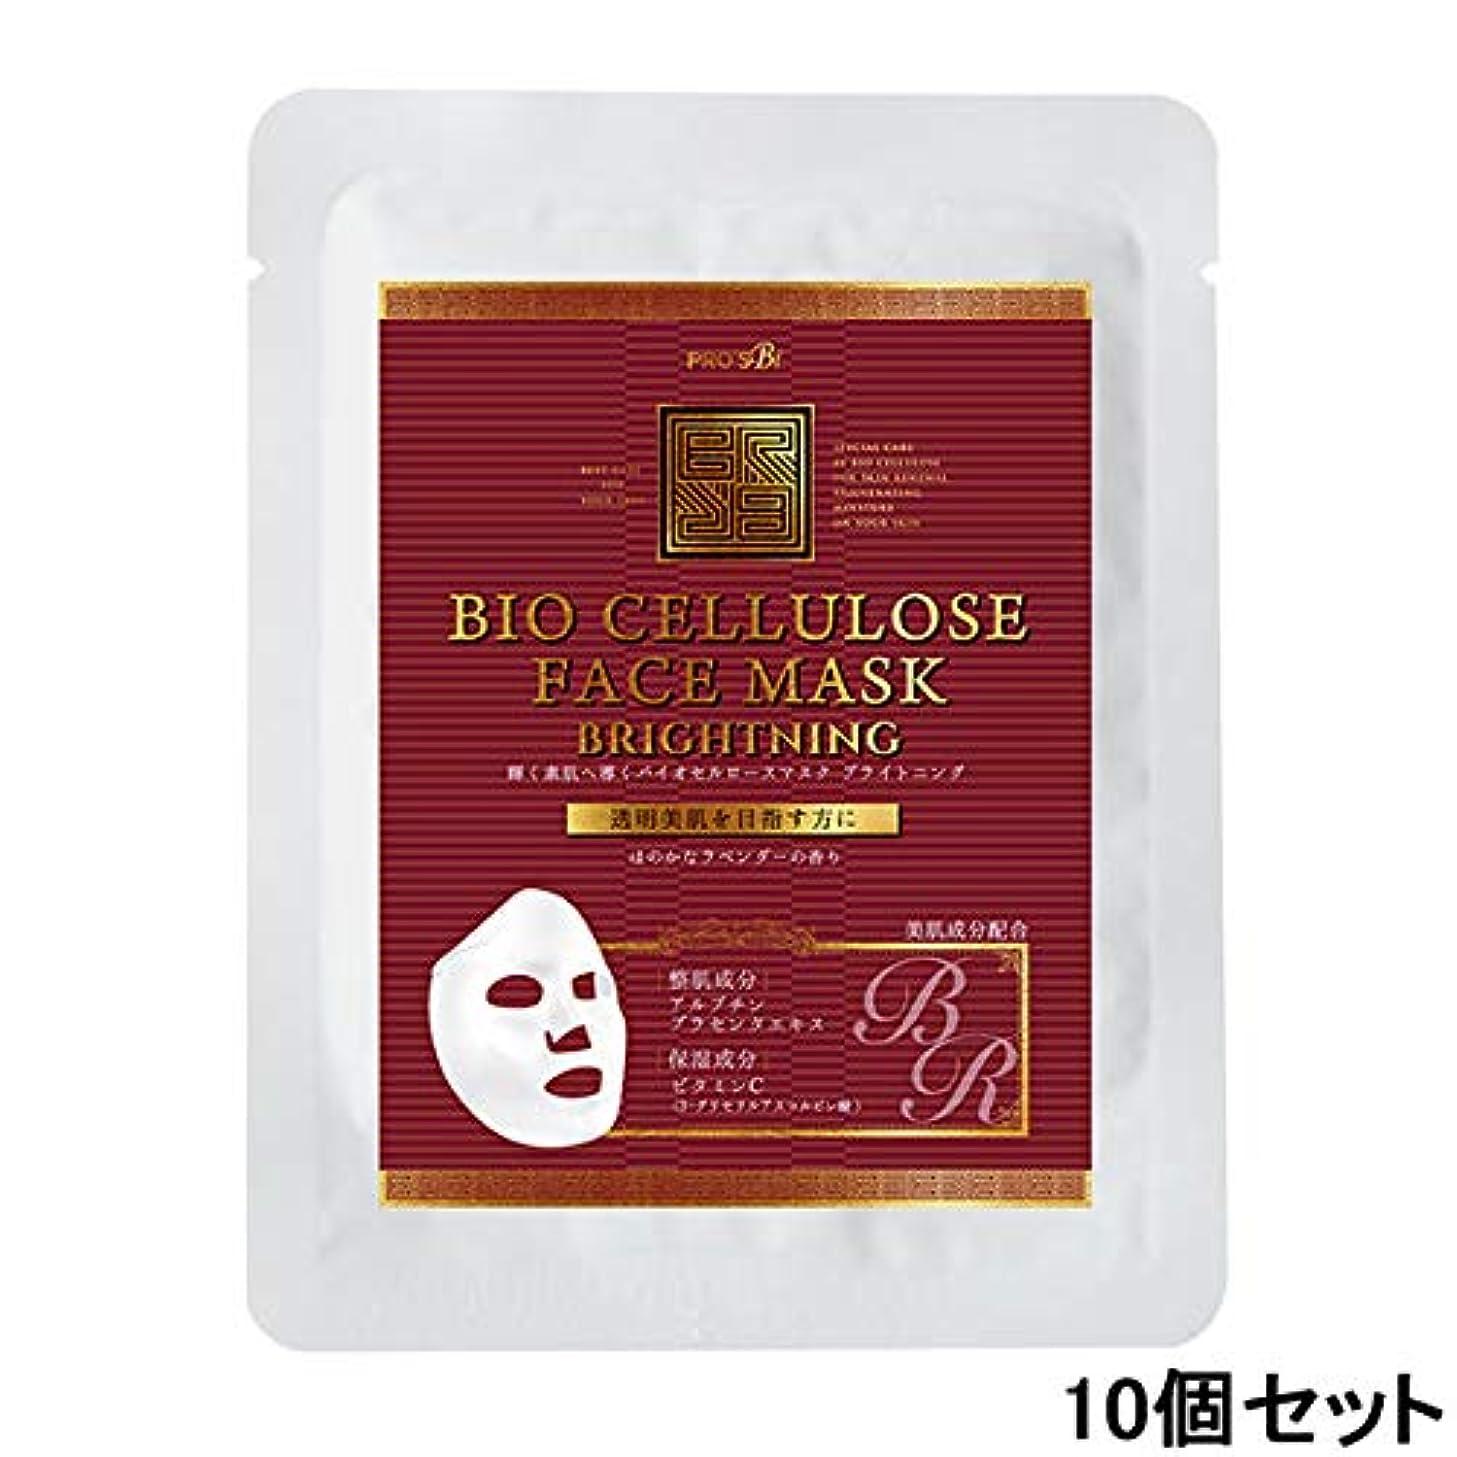 びっくりした名前尊厳プロズビ バイオセルロースマスク ブライトニング (10個セット) [ フェイスマスク フェイスシート フェイスパック フェイシャルマスク シートマスク フェイシャルシート フェイシャルパック ローションマスク ローションパック 顔パック ]